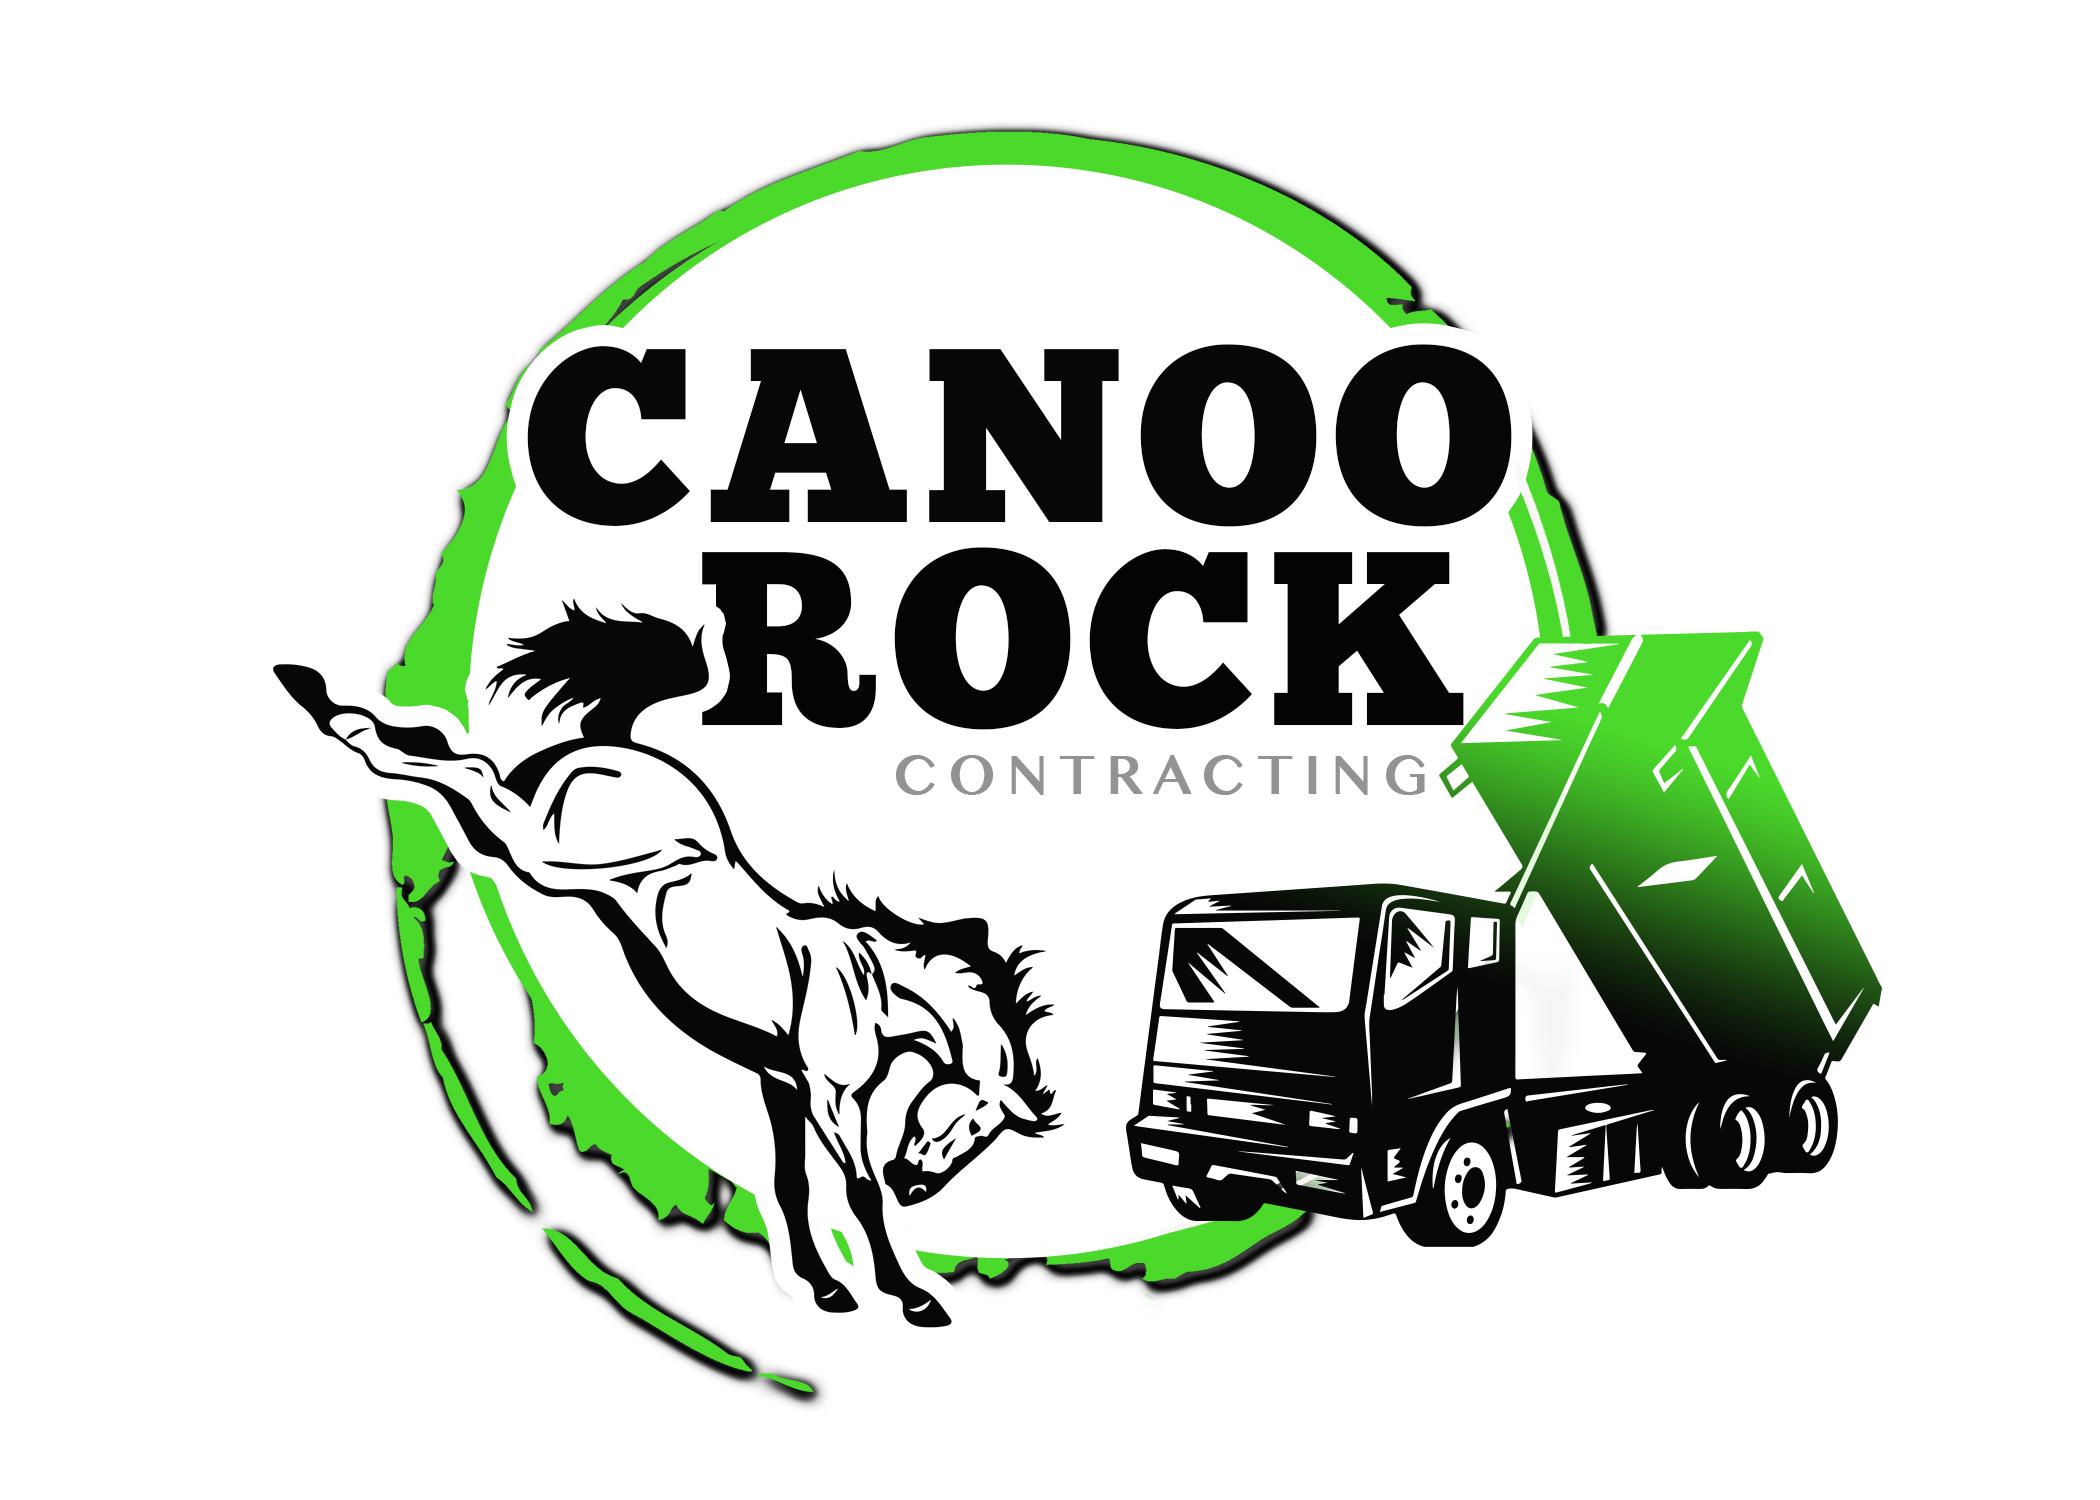 Canoo Rock3